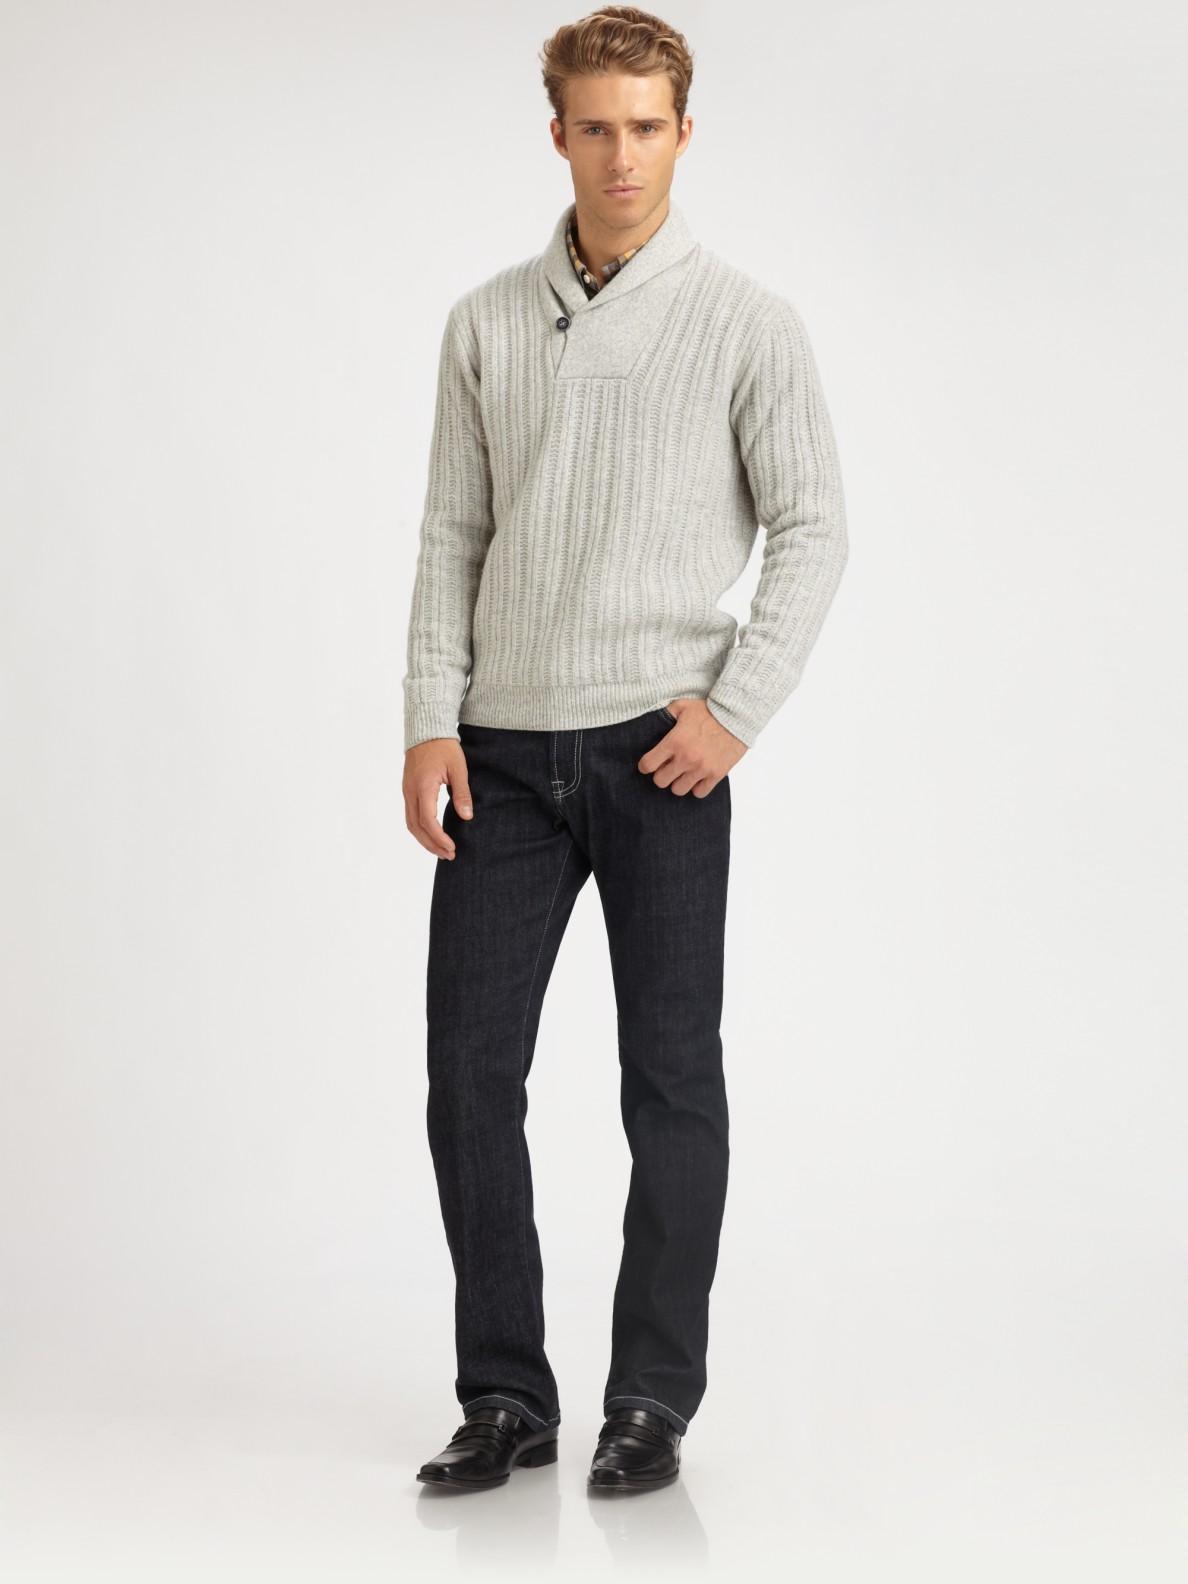 Corneliani Shawl Collar Sweater in Gray for Men   Lyst